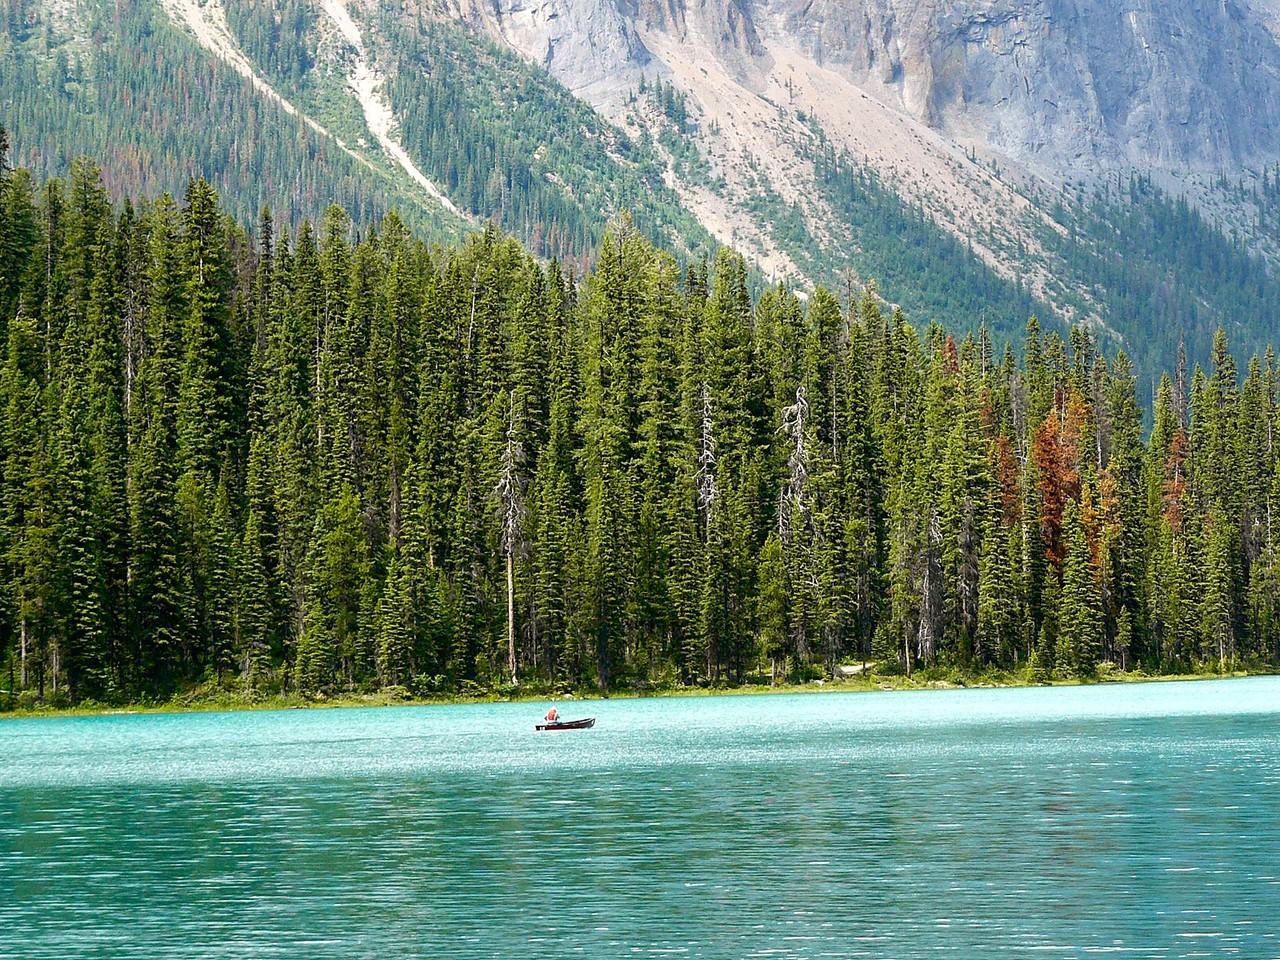 <B>Am Lake Emerald